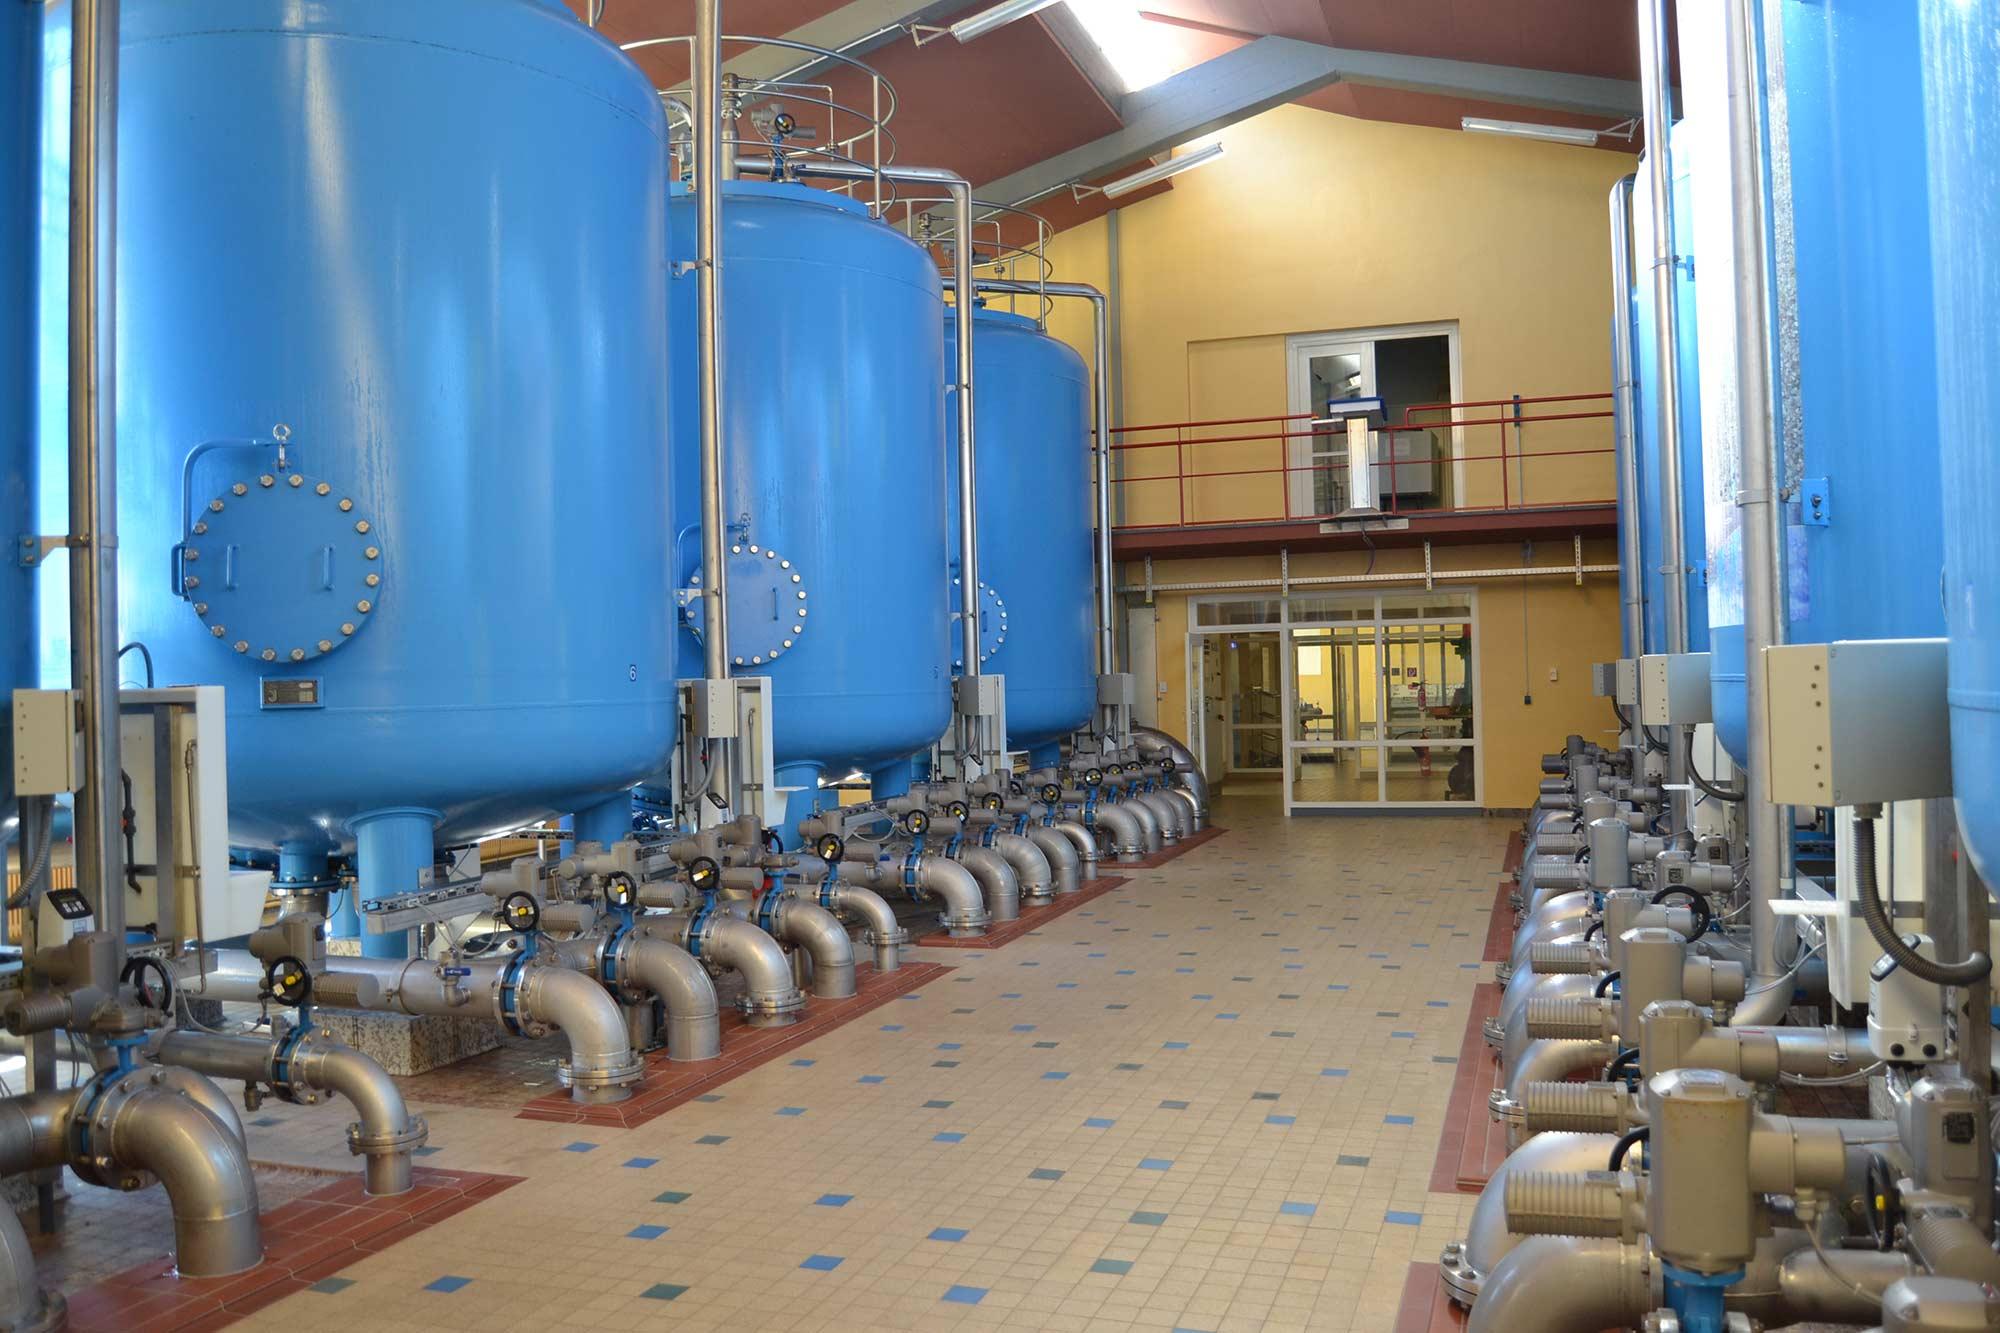 Filterhalle mit diversen Filterstufen